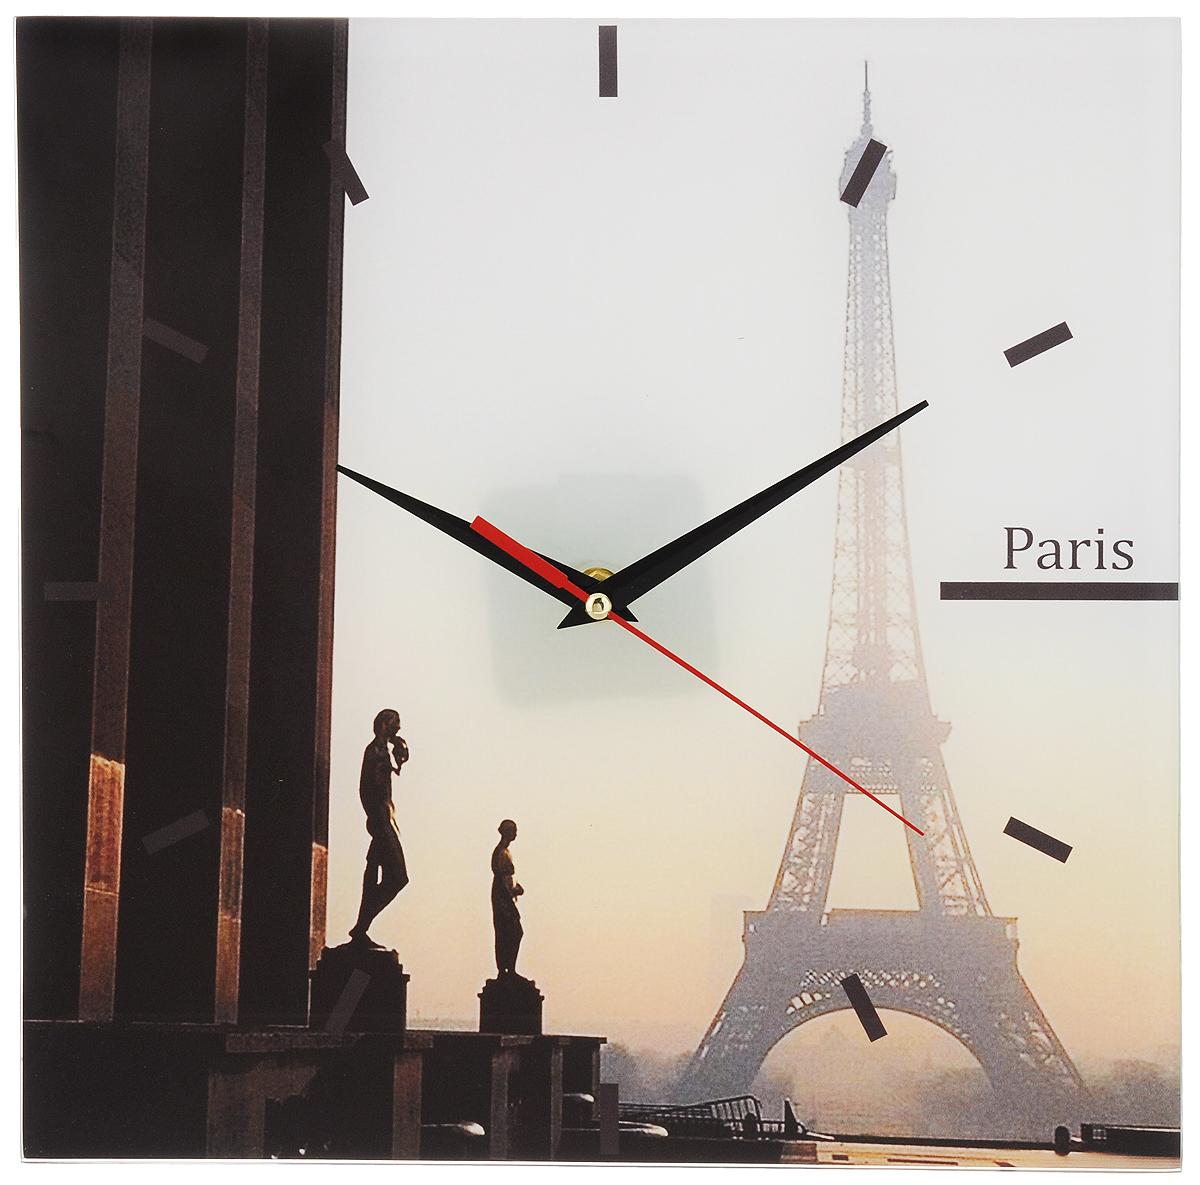 Часы настенные Paris, стеклянные, цвет: мульти. 9530195301Оригинальные настенные часы Paris выполнены из стекла и оформлены изображением Парижа. Часы имеют три стрелки - часовую, минутную и секундную. Циферблат часов не защищен. Необычное дизайнерское решение и качество исполнения придутся по вкусу каждому.Оформите совой дом таким интерьерным аксессуаром или преподнесите его в качестве презента друзьям, и они оценят ваш оригинальный вкус и неординарность подарка. Характеристики:Материал: пластик, стекло. Размер: 28 см x 28 см x 2 см. Размер упаковки: 30 см х 30 см х 4,5 см. Артикул: 95301. Работают от батарейки типа АА (в комплект не входит).